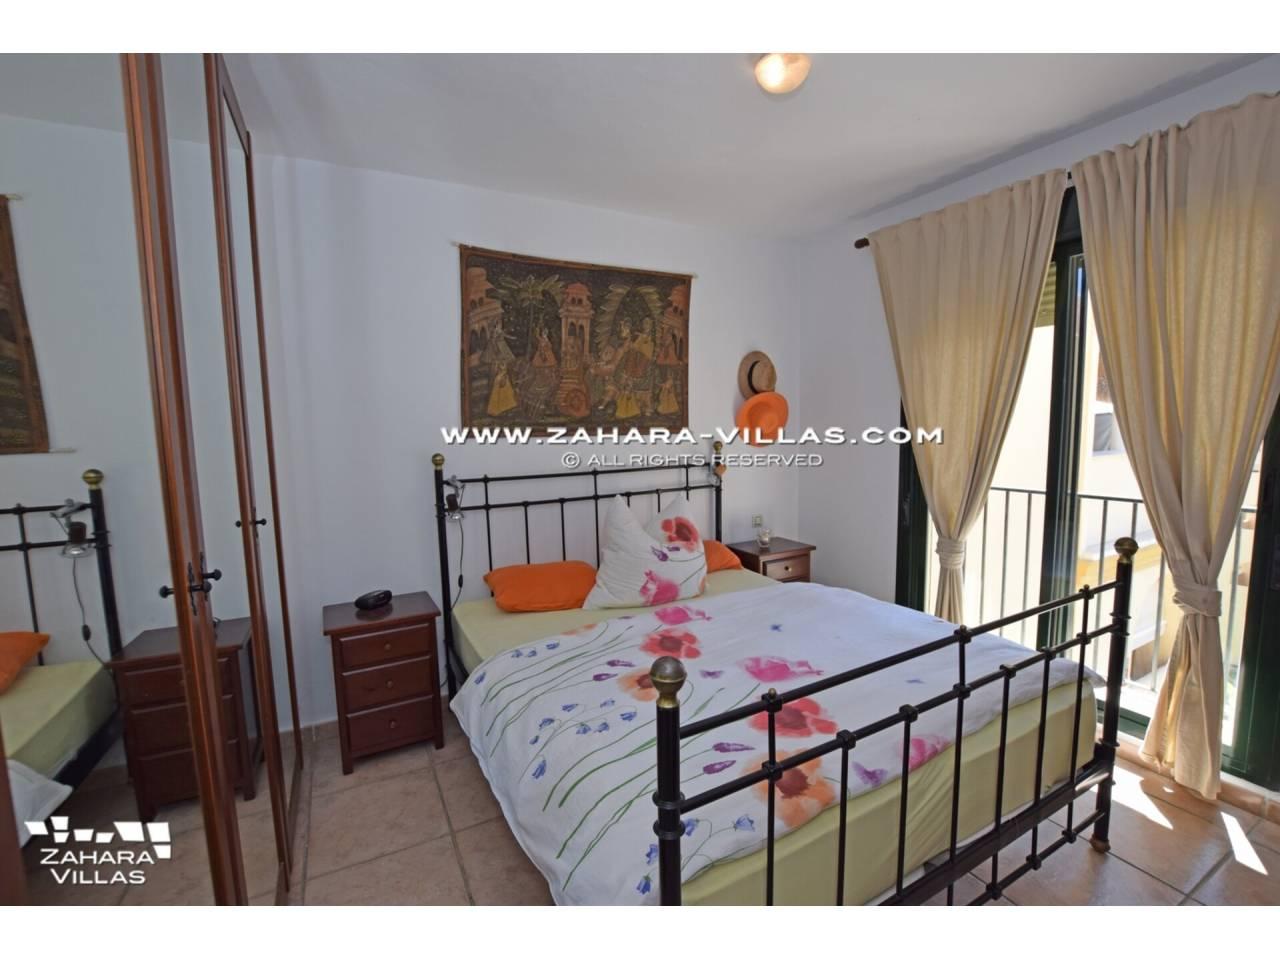 Imagen 22 de Penthouse apartment for sale in Zahara de los Atunes